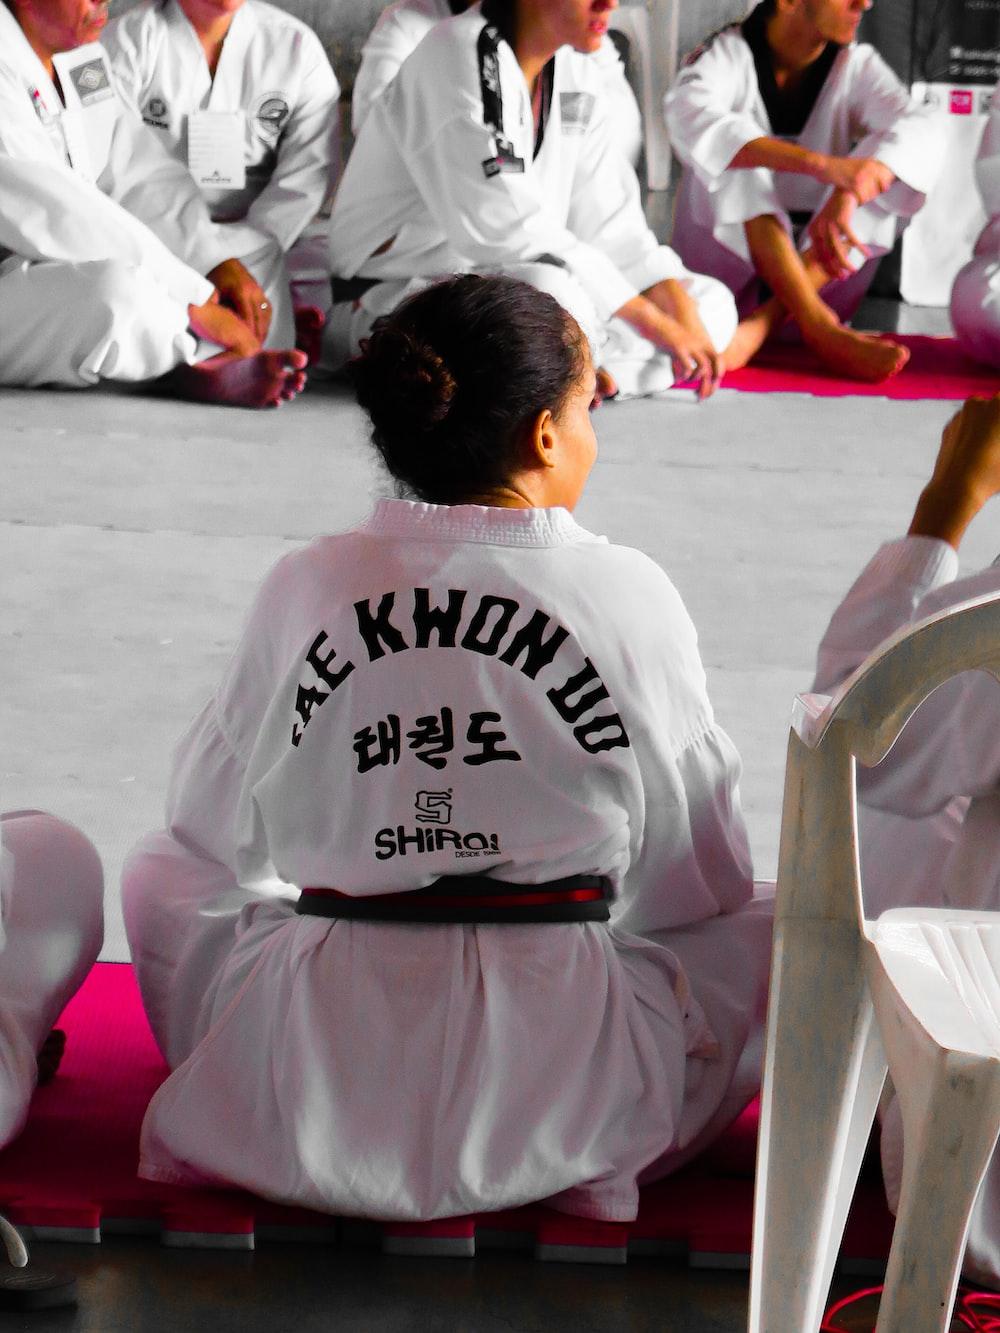 girl wearing karate gi sitting on pink puzzle mat